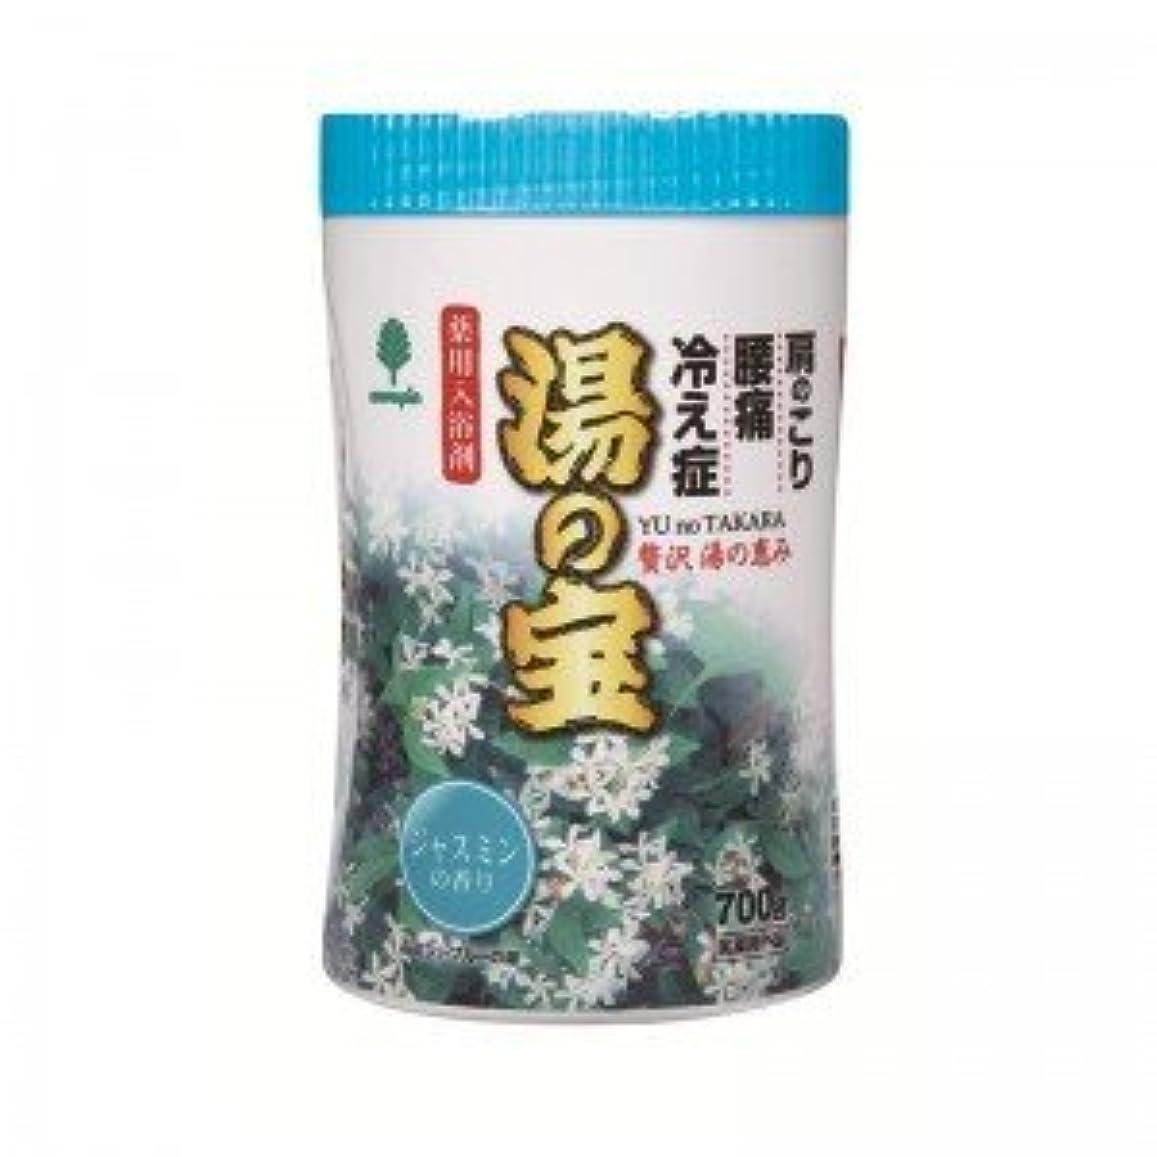 世紀住む宇宙船紀陽除虫菊 湯の宝 ジャスミンの香り (丸ボトル) 700g【まとめ買い15個セット】 N-0067